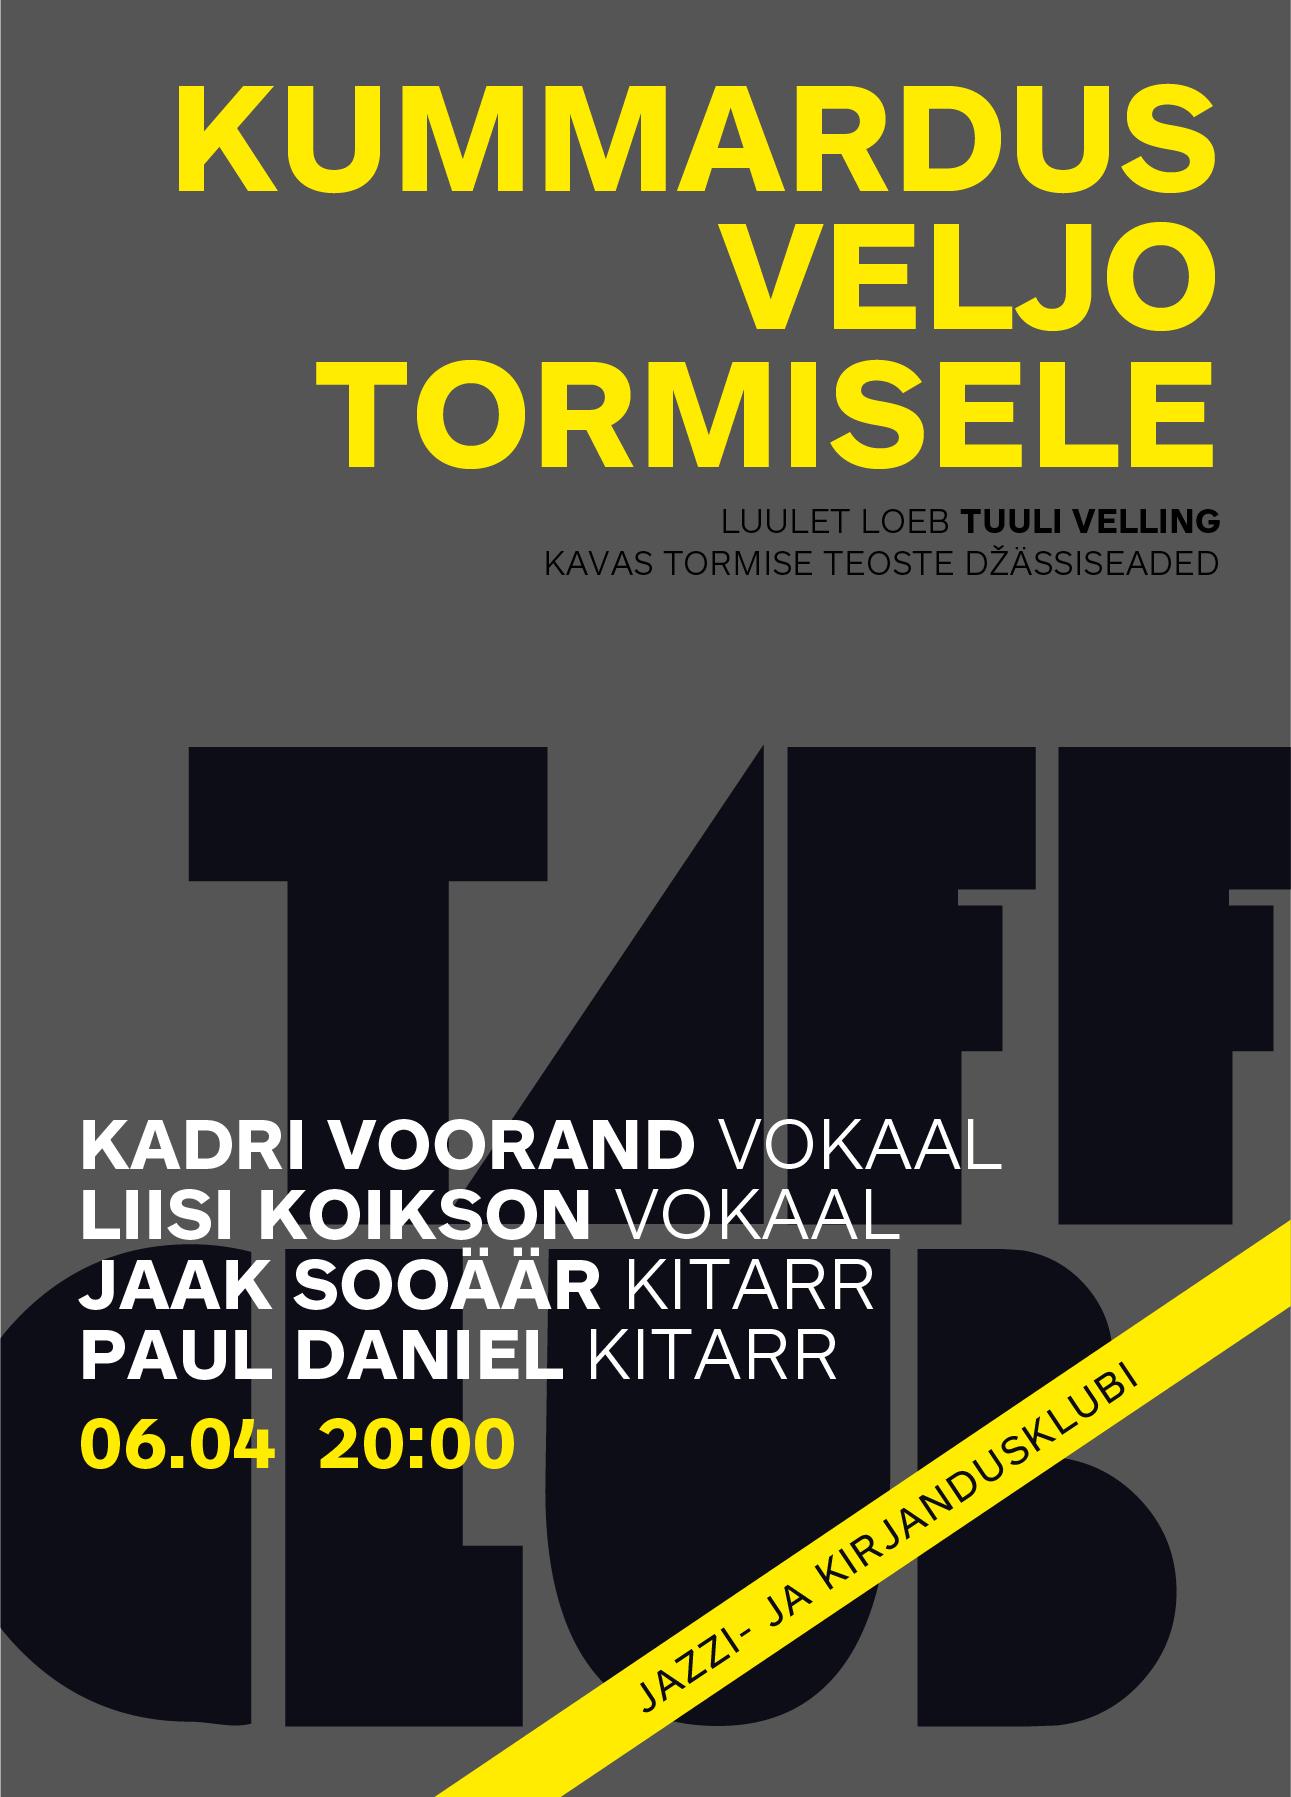 TAFF CLUB. KUMMARDUS VELJO TORMISELE